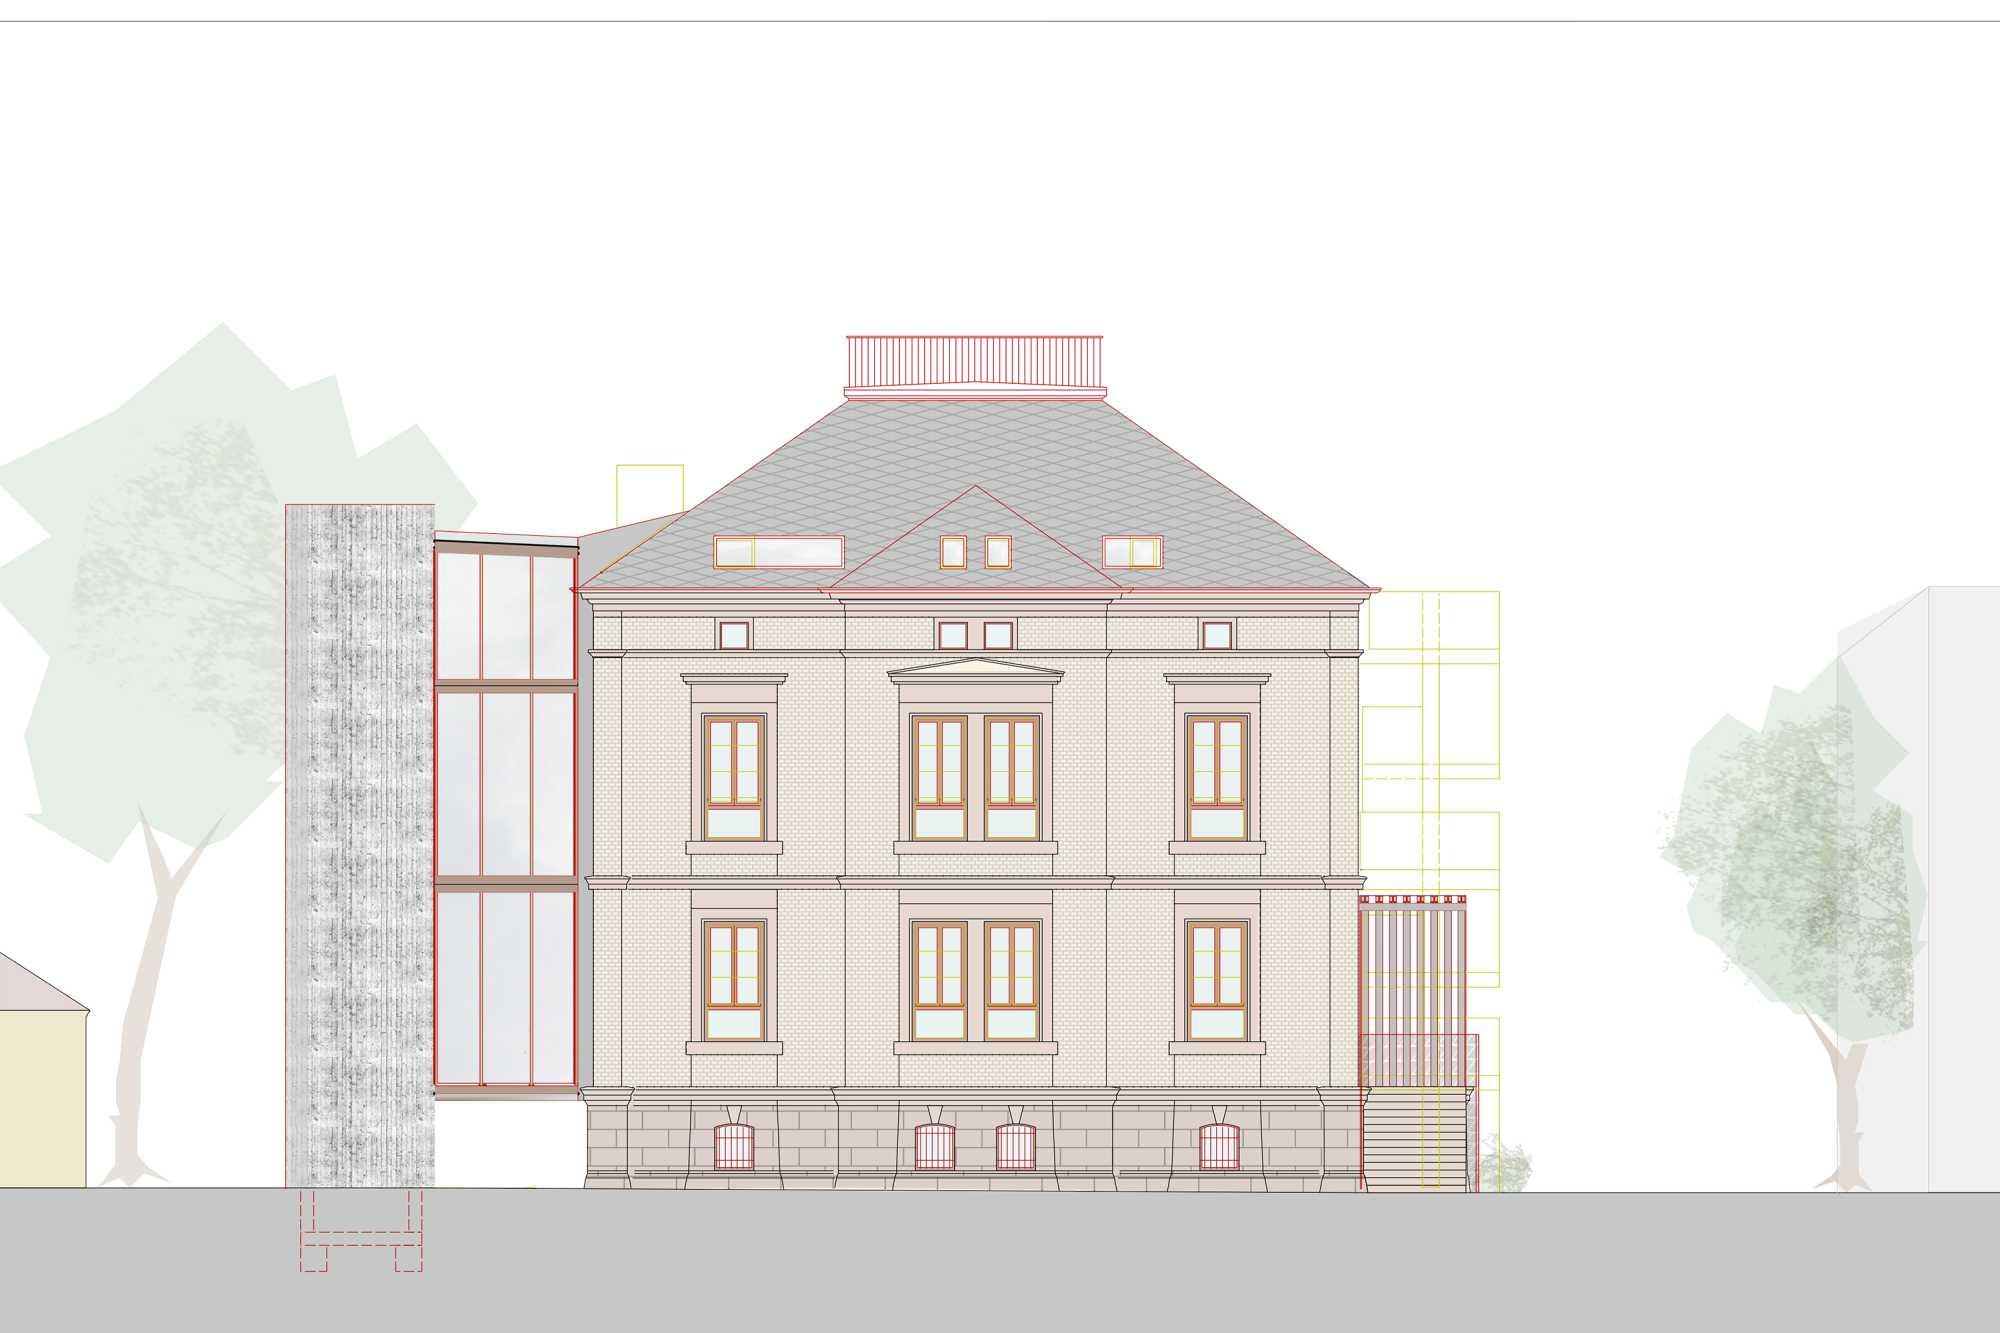 Baubeginn denkmalpflegerische Sanierung und Umbau Kinderhaus Planie ({project_images:field_row_count})